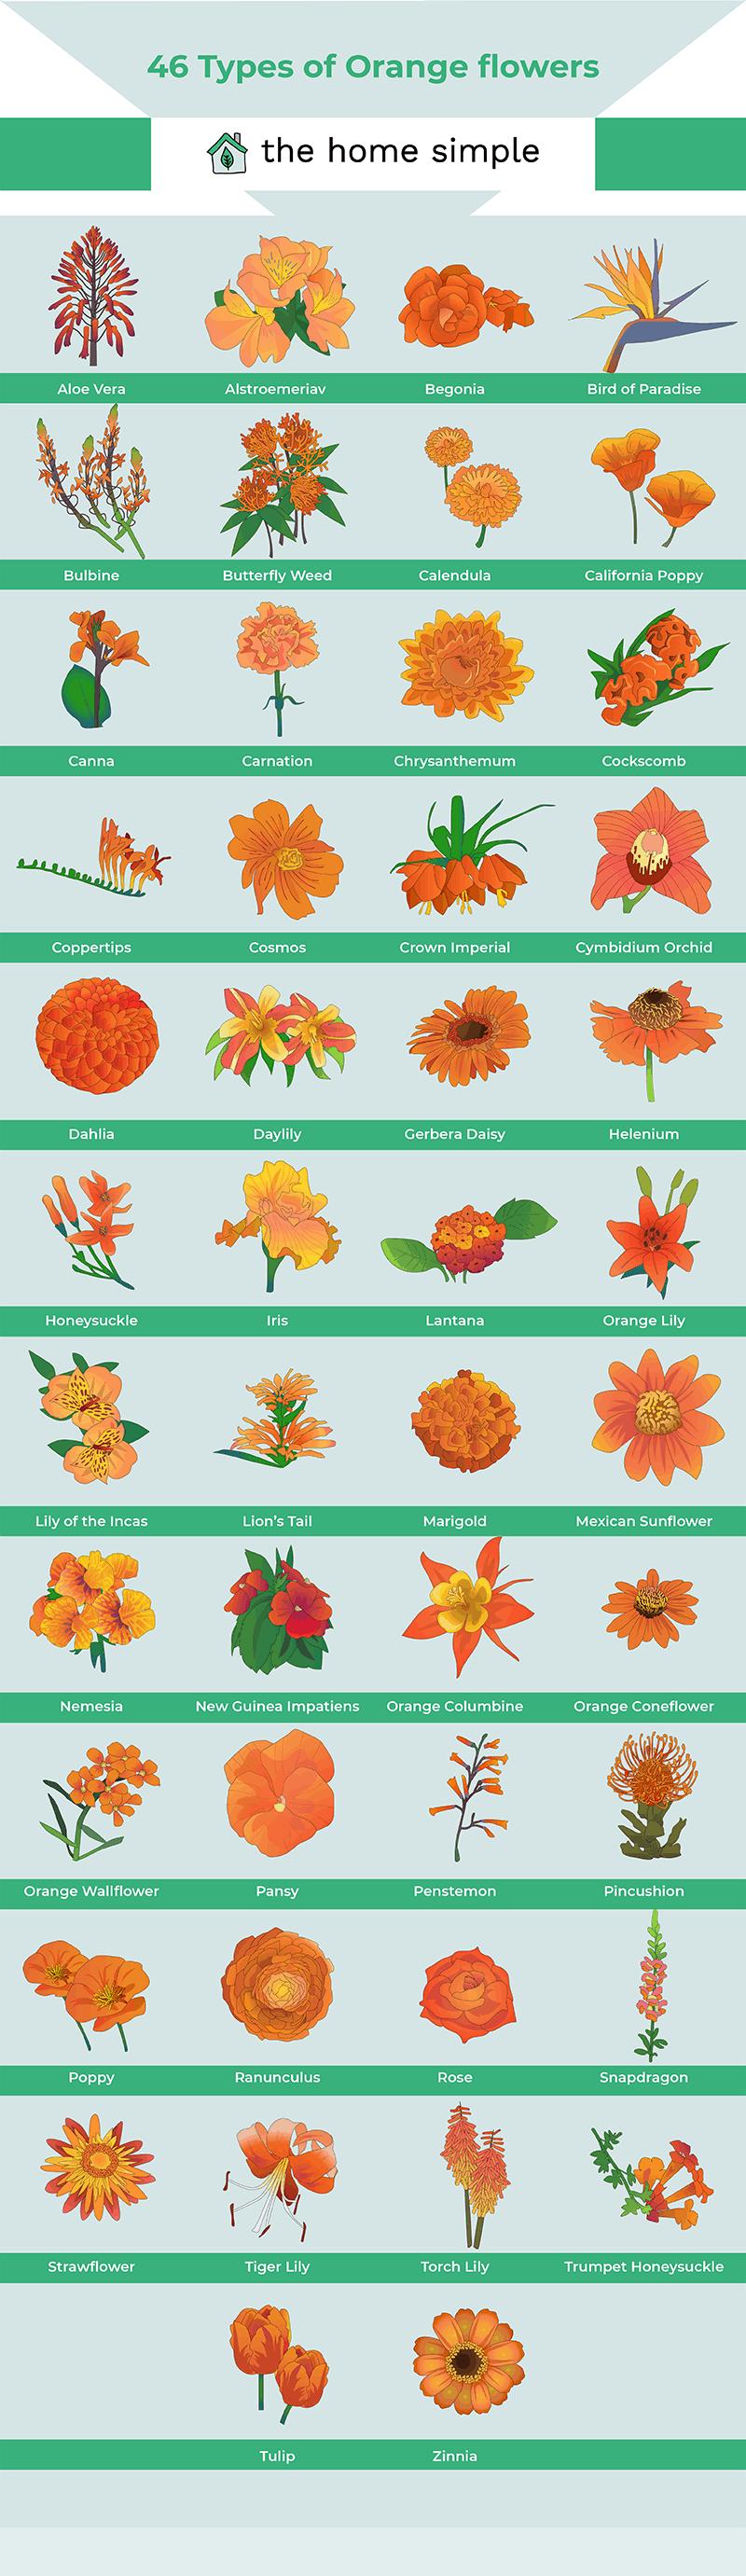 types of orange flowers